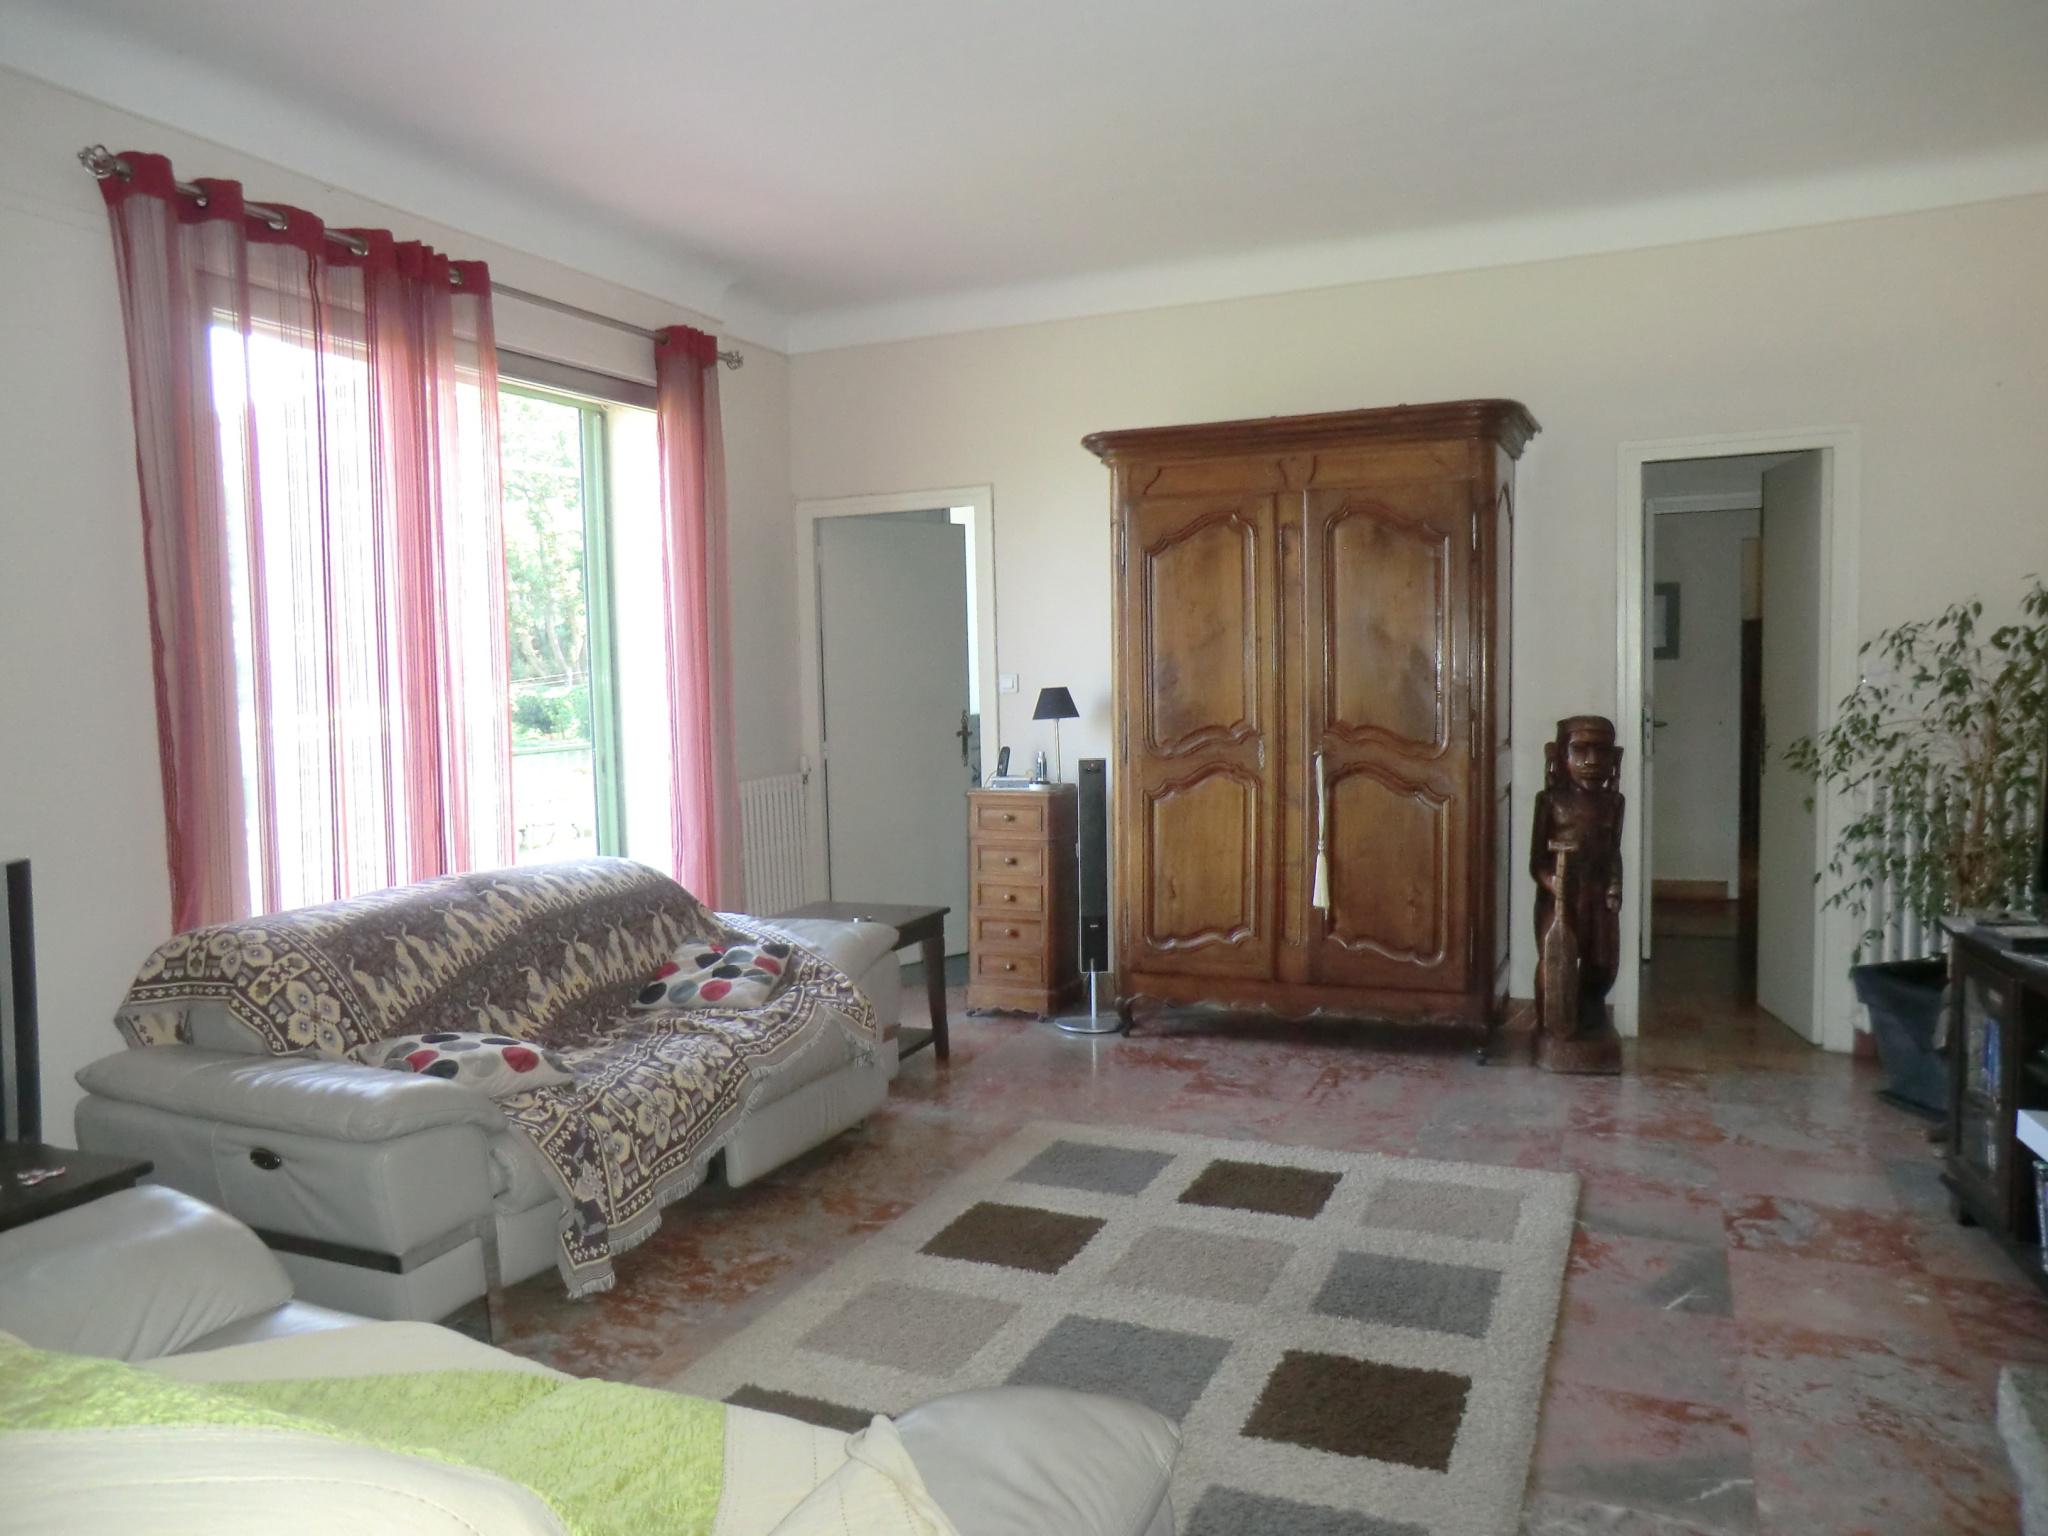 À vendre maison/villa de 500m2 à argeles sur mer (66700) - Photo 17'